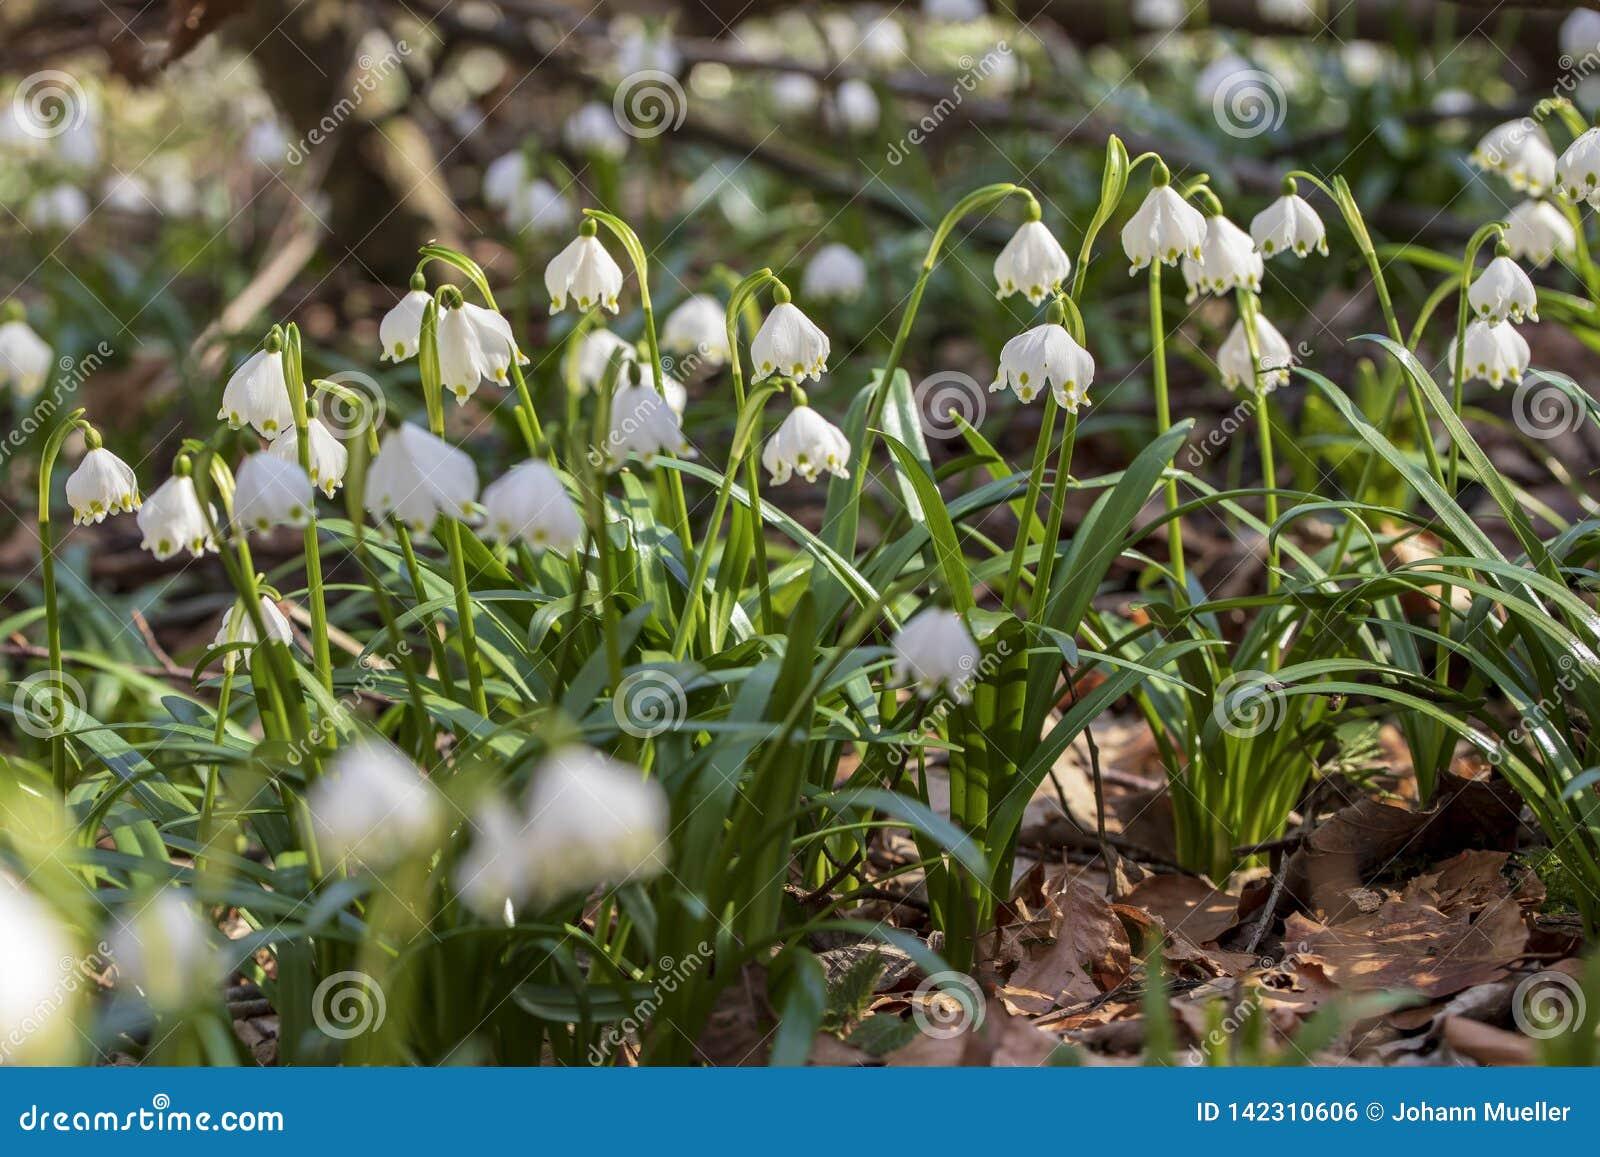 Nahes hohes Bild der frischen weißen und gelben Frühlingsschneeflocke